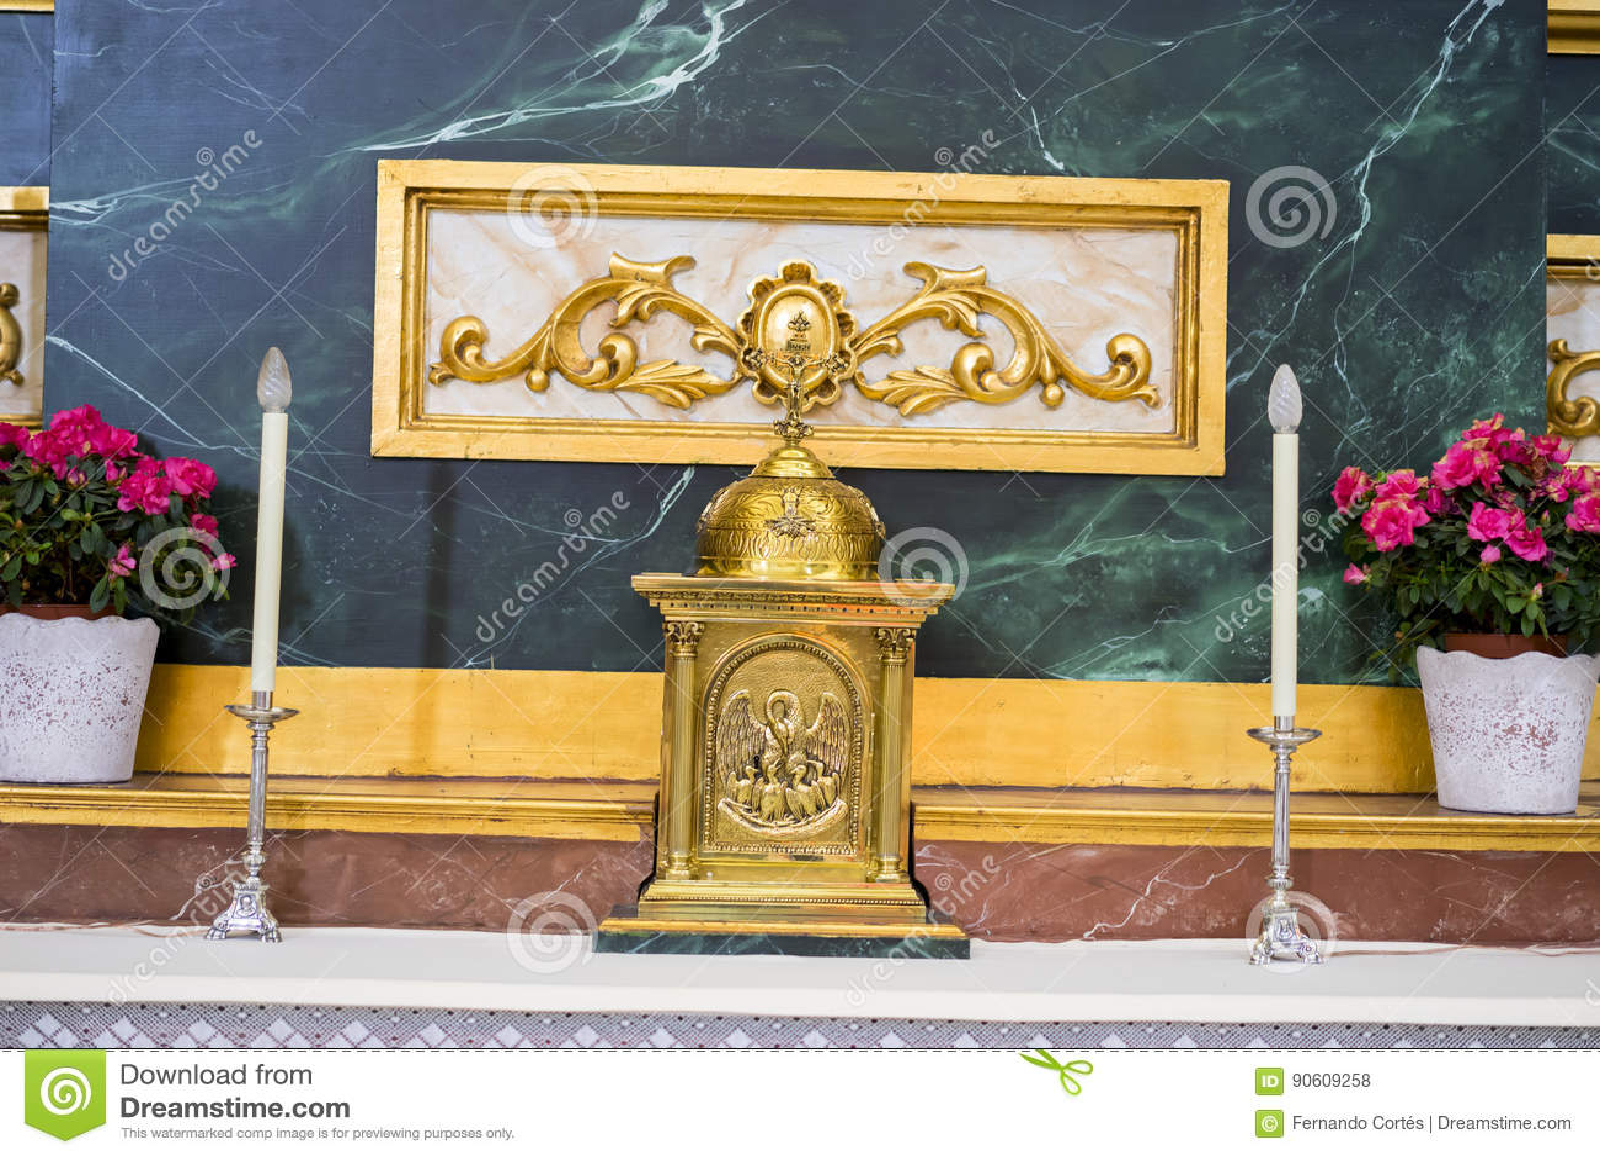 Altare med guld- bilder Helig vecka i Spanien, bilder av oskulder